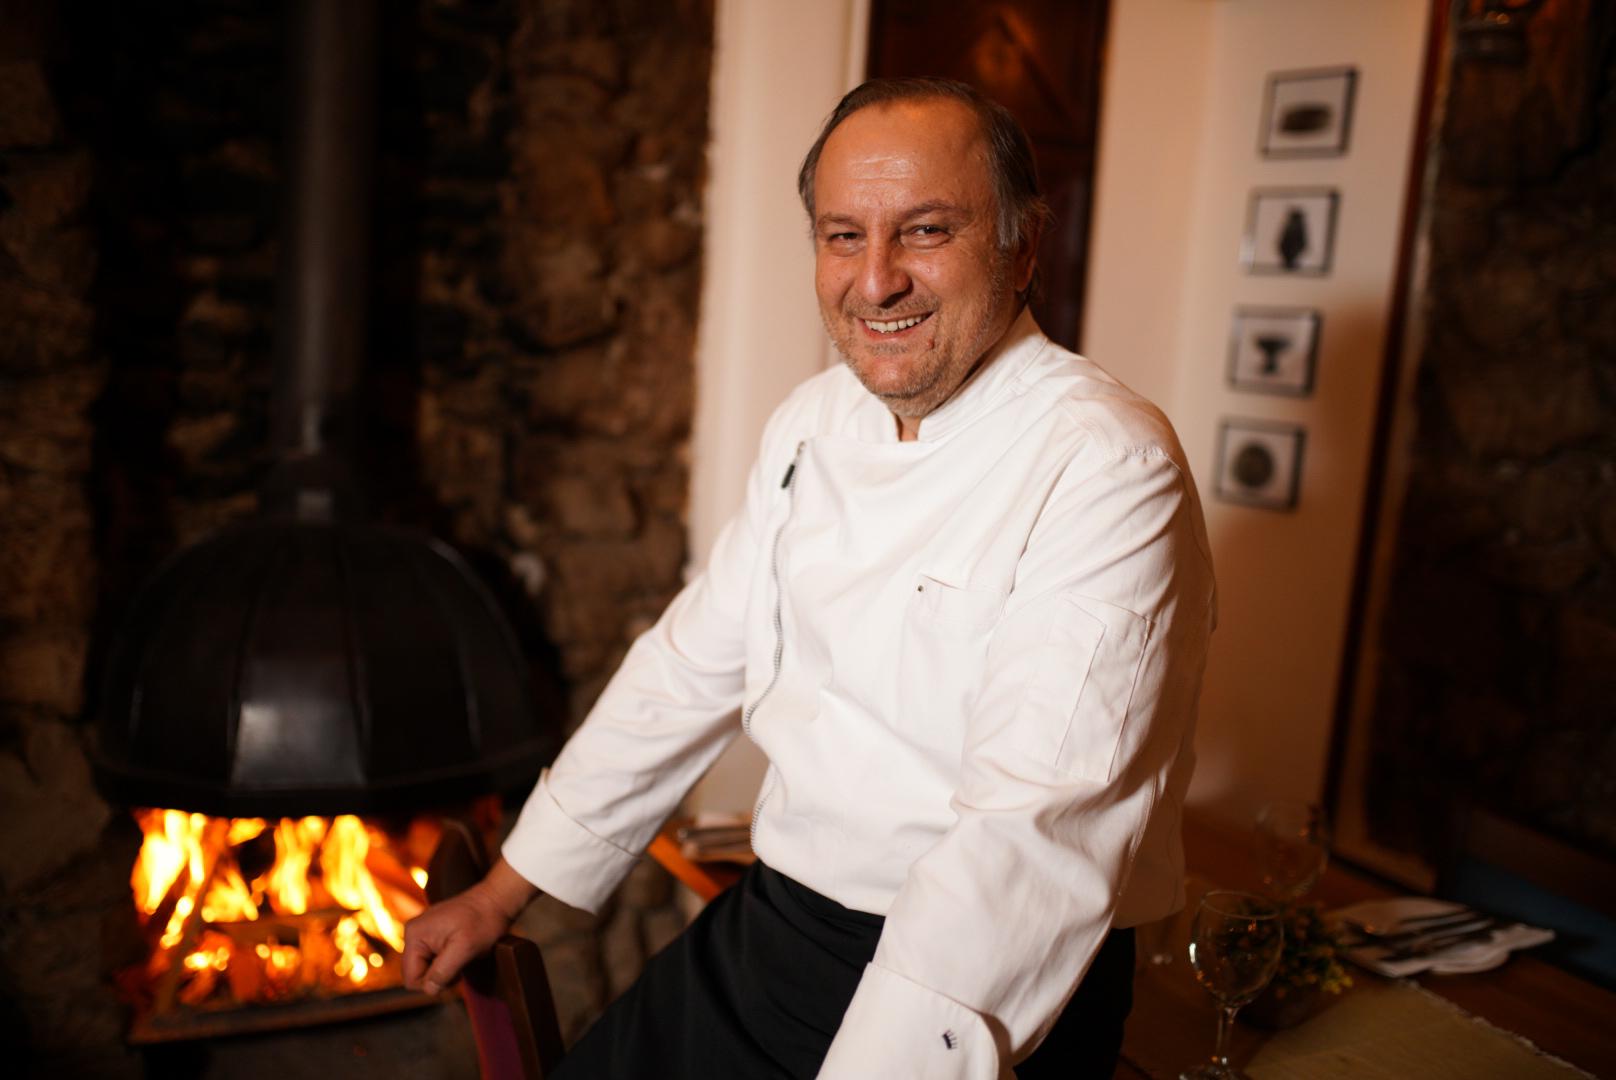 Arsim Mehmeti, kuzhinieri me mbi 30 vite përvojë pune